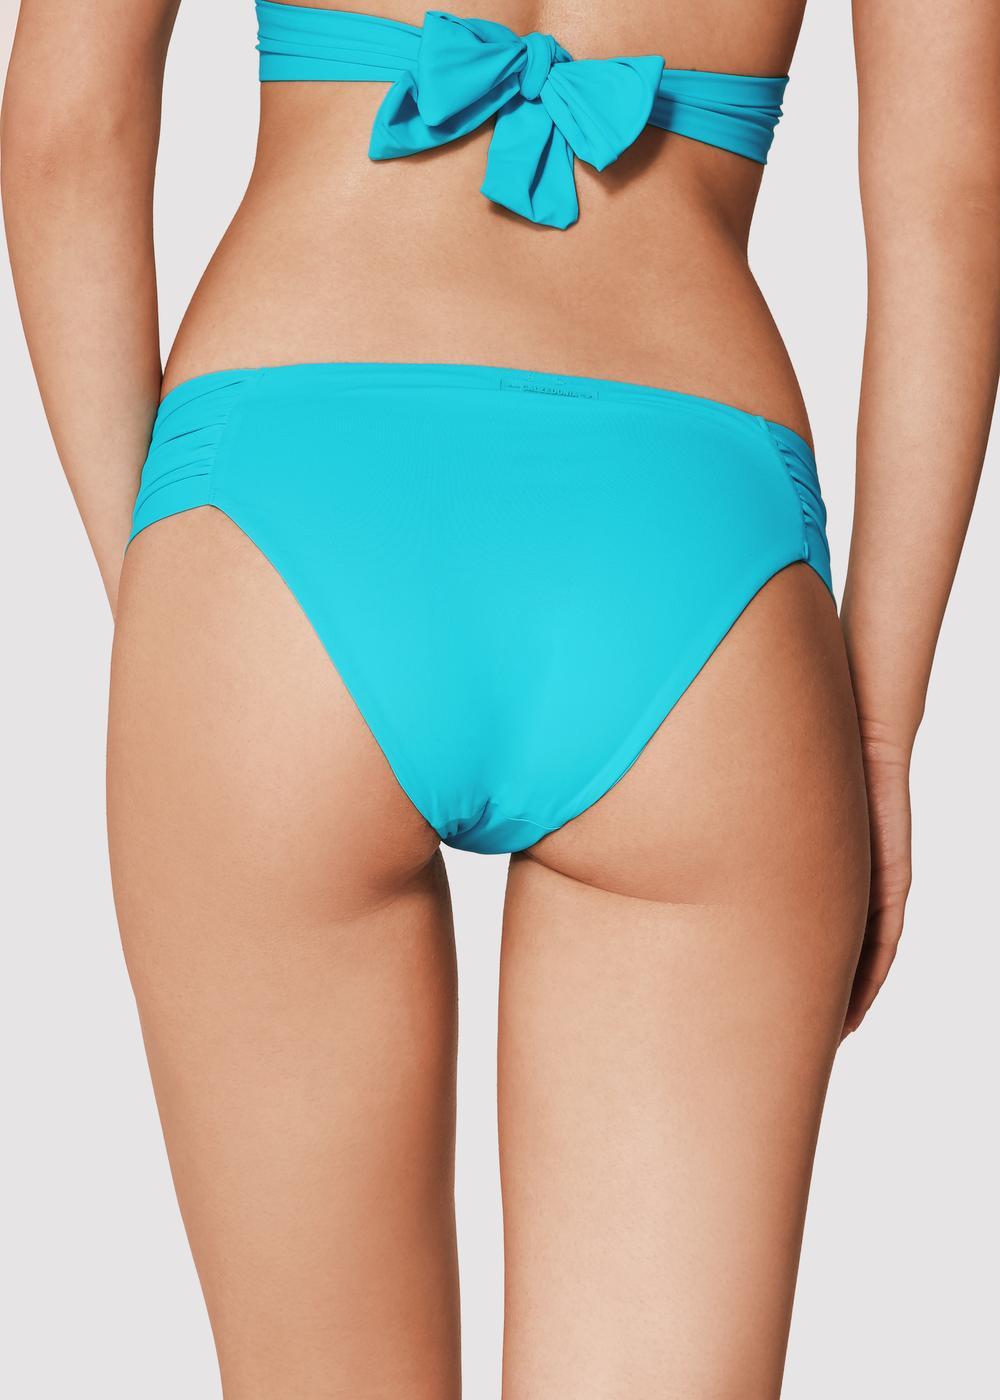 Indonesia high-wasted bikini bottom